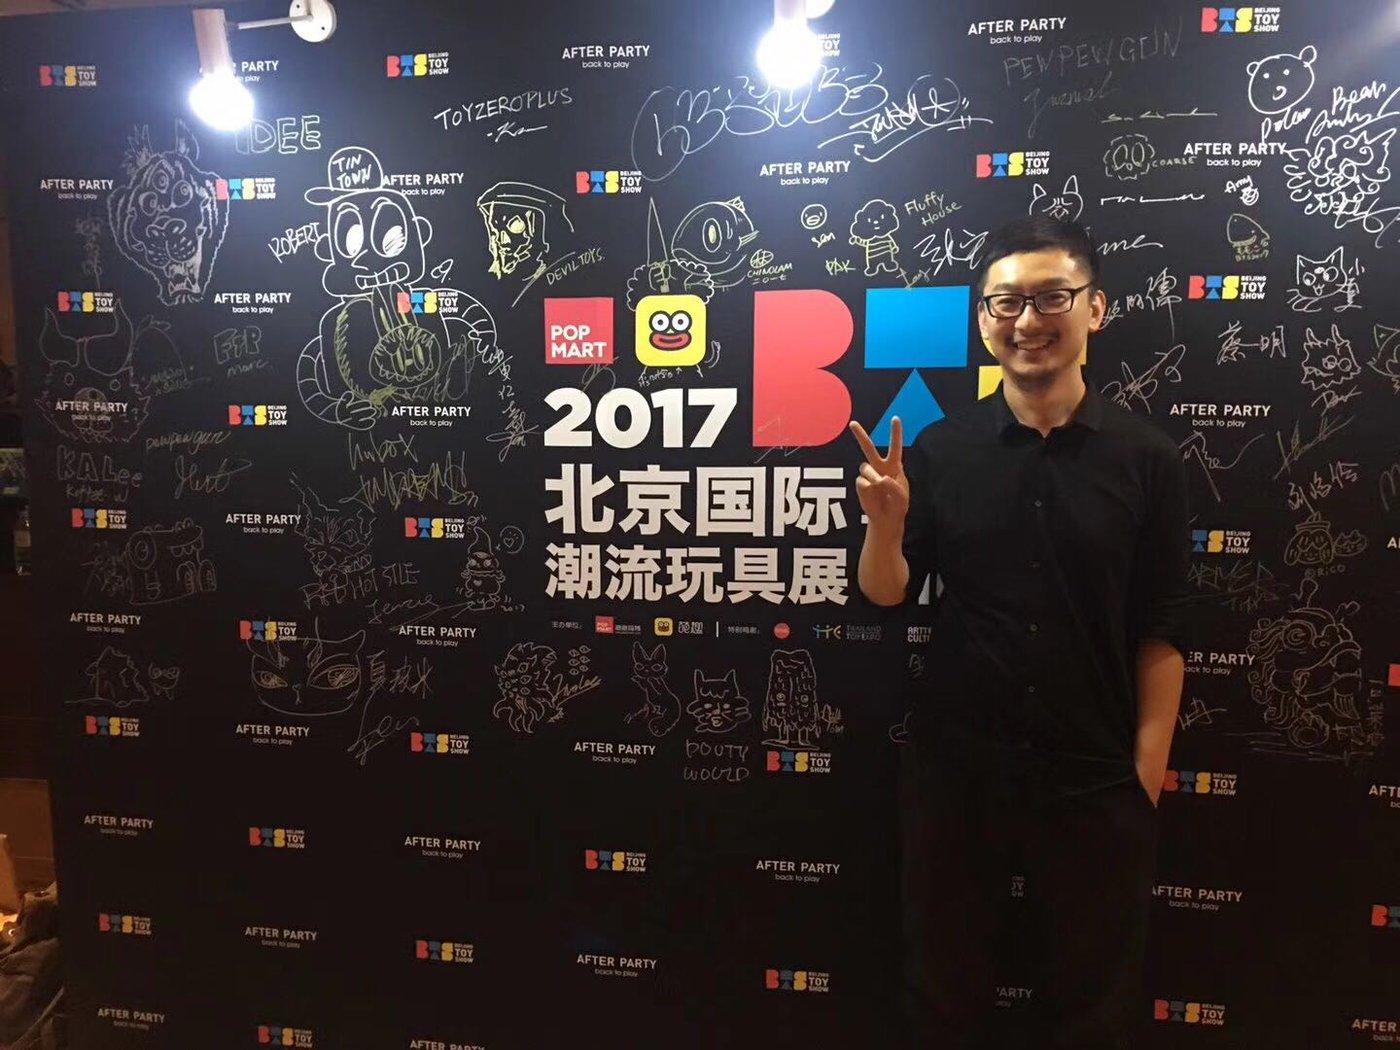 2017年BTS是泡泡玛特的首次展会,图中人物为泡泡玛特副总裁司德